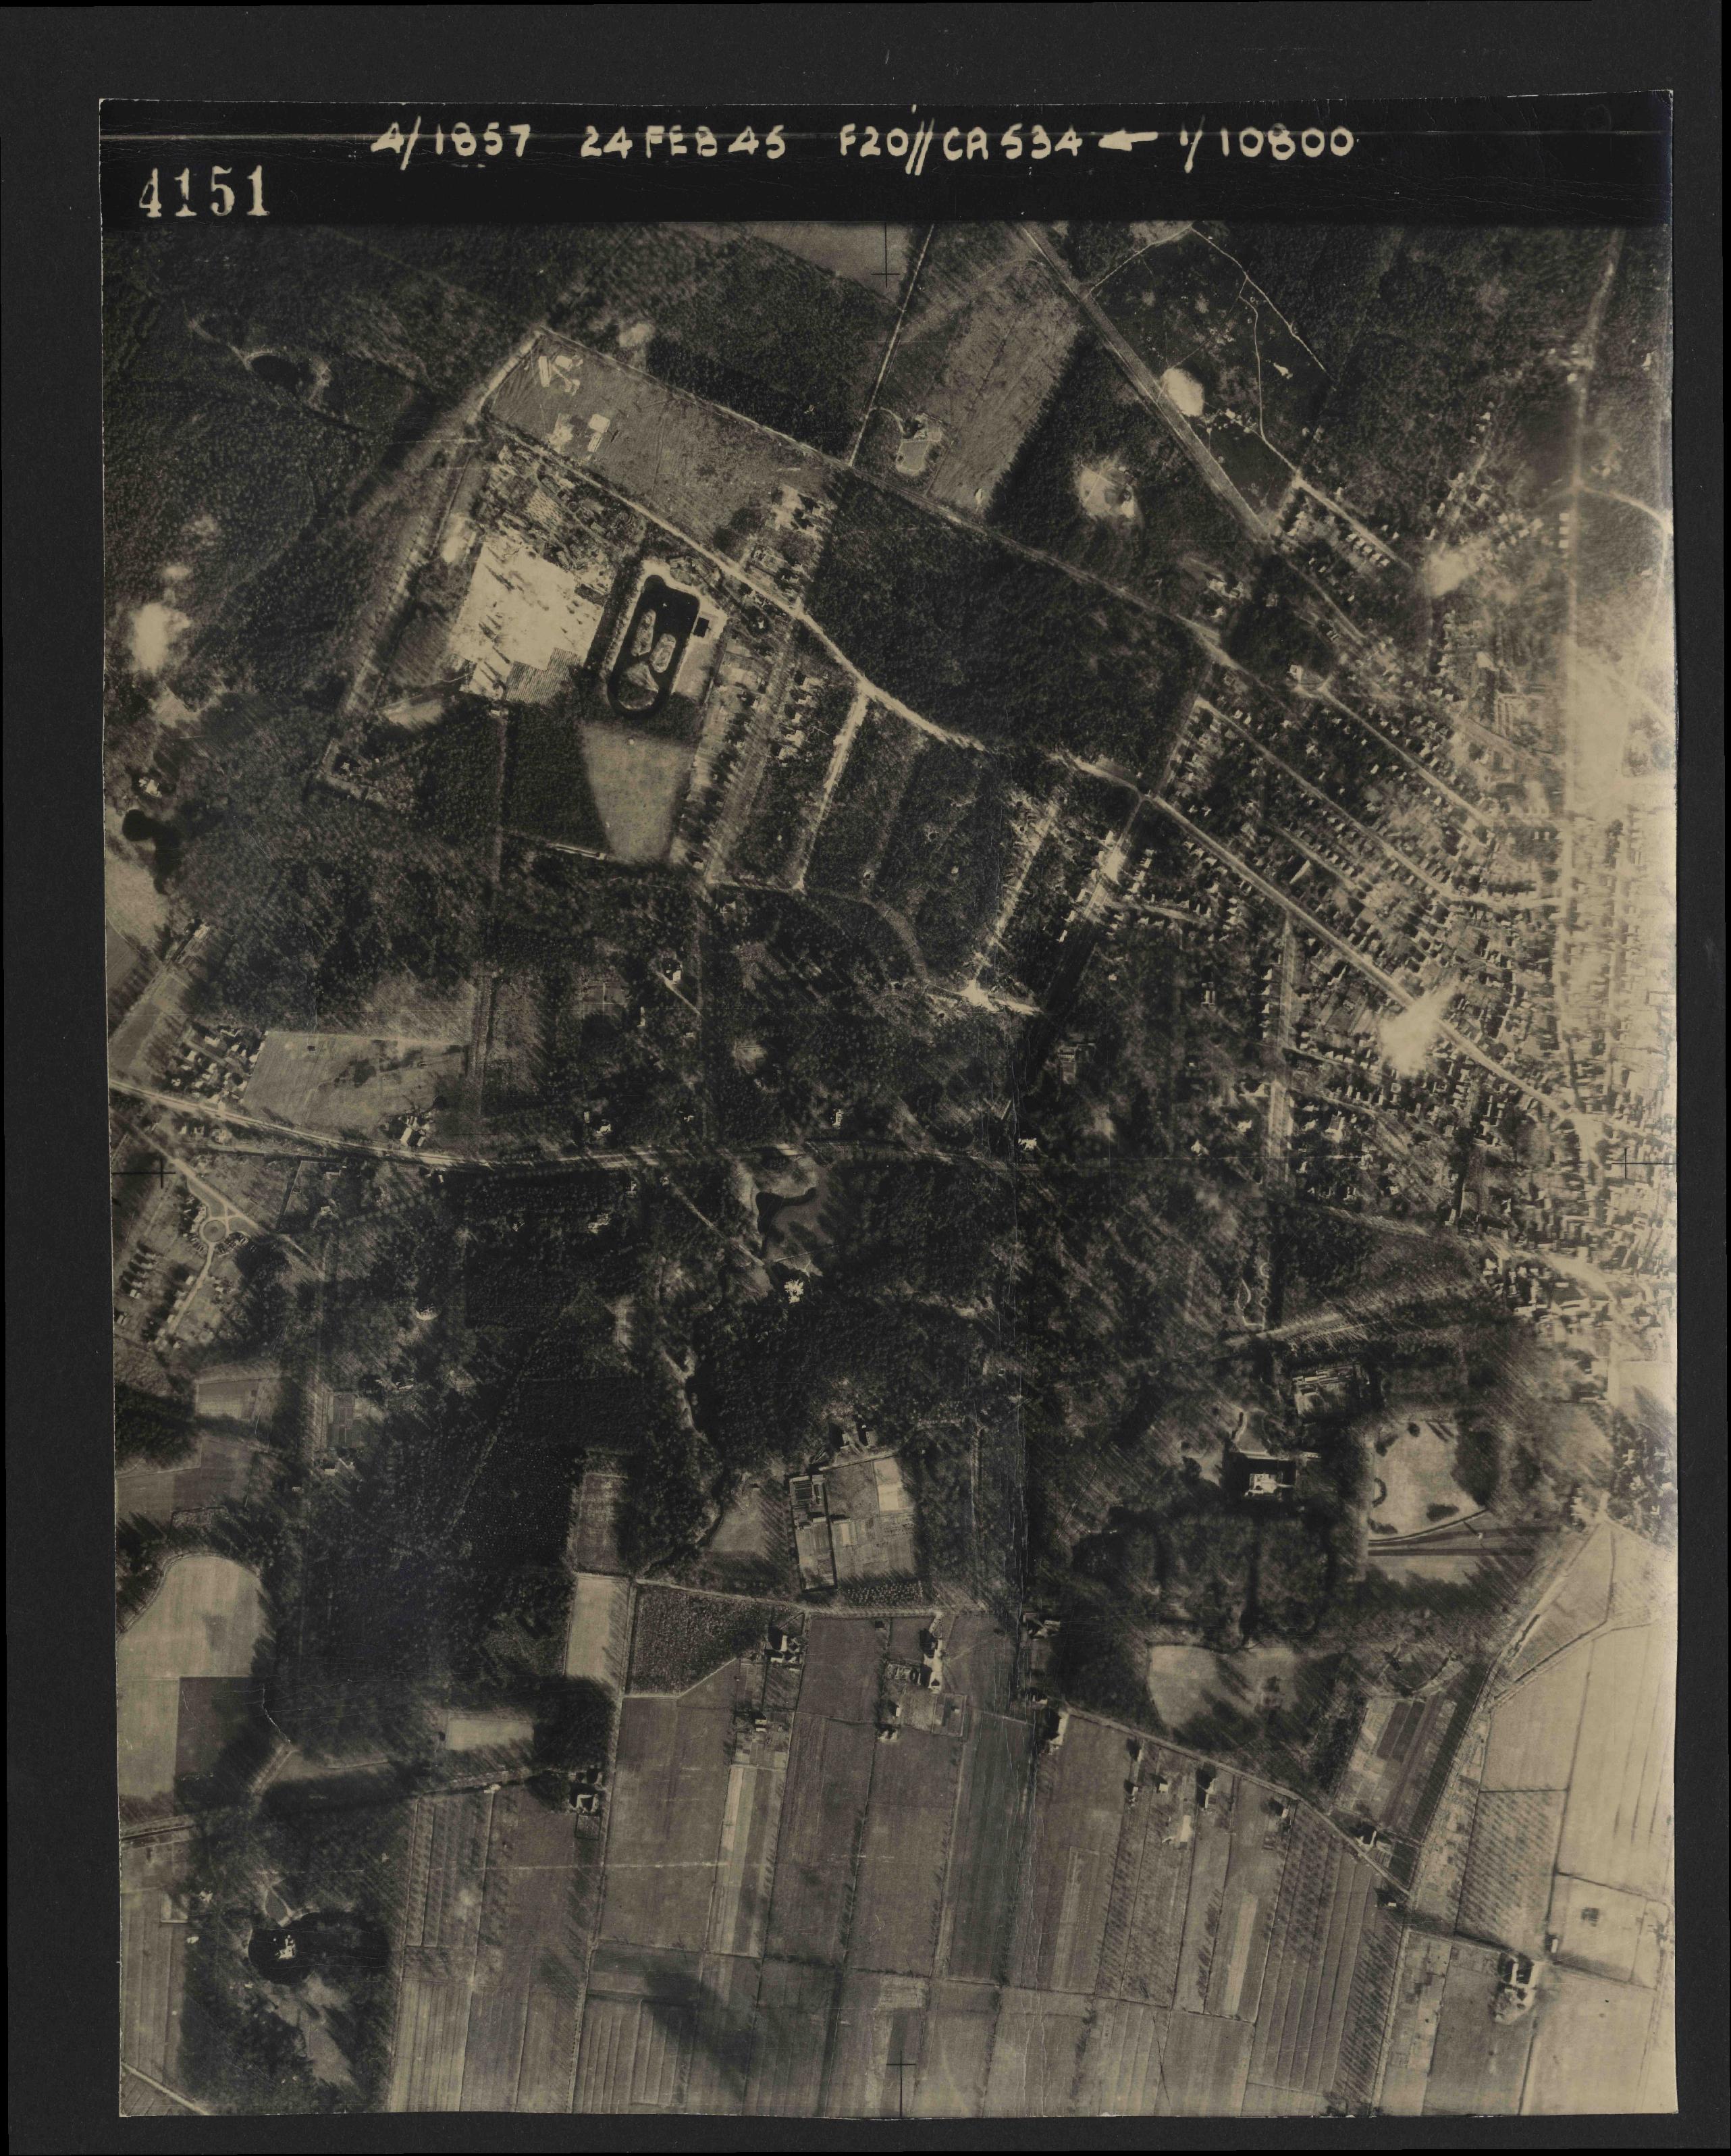 Collection RAF aerial photos 1940-1945 - flight 073, run 01, photo 4151